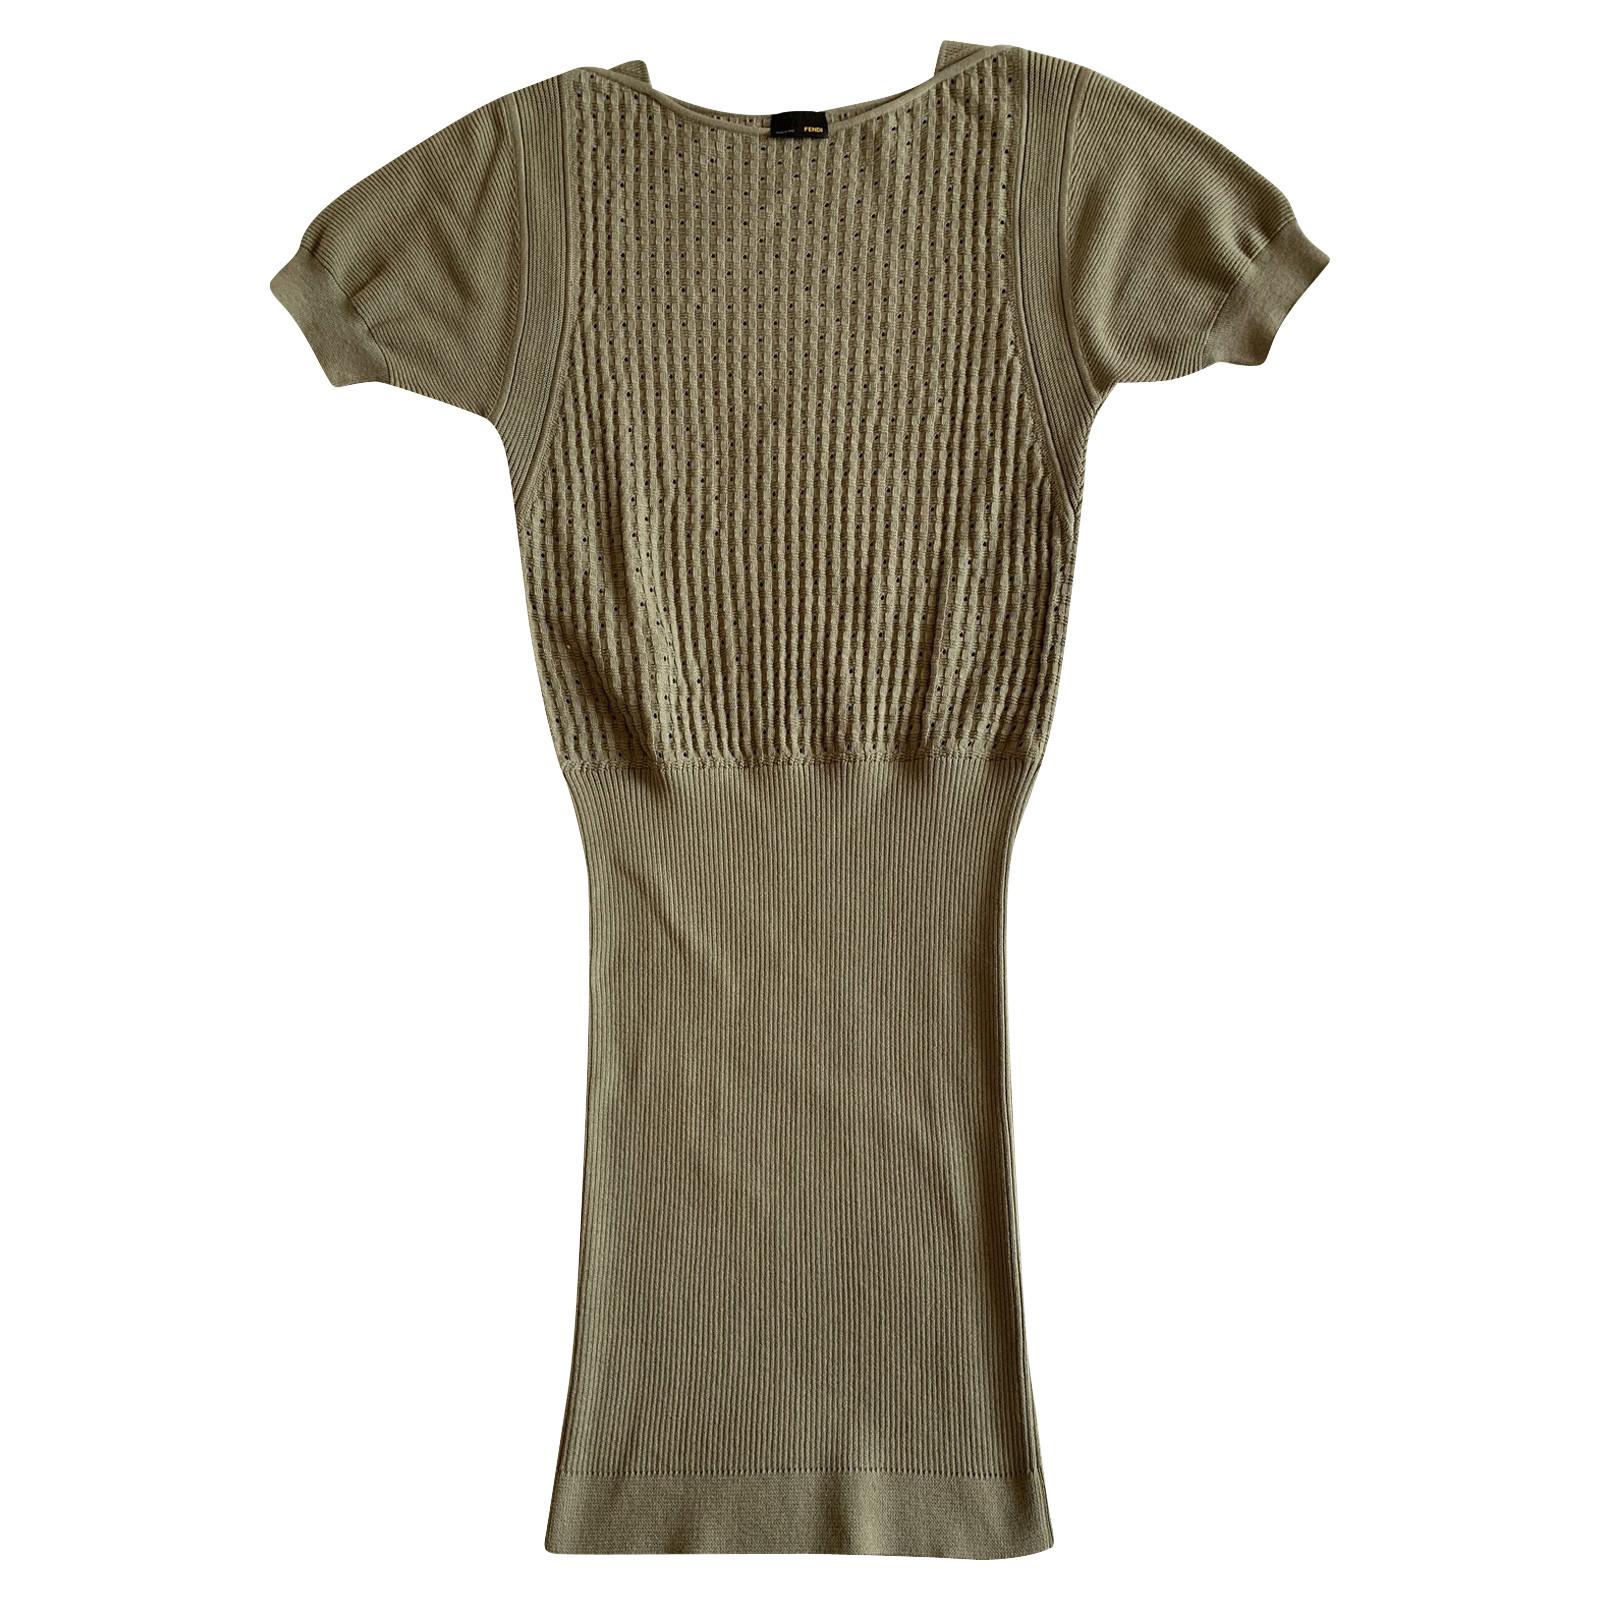 Fendi Kleid aus Baumwolle - Second Hand Fendi Kleid aus Baumwolle